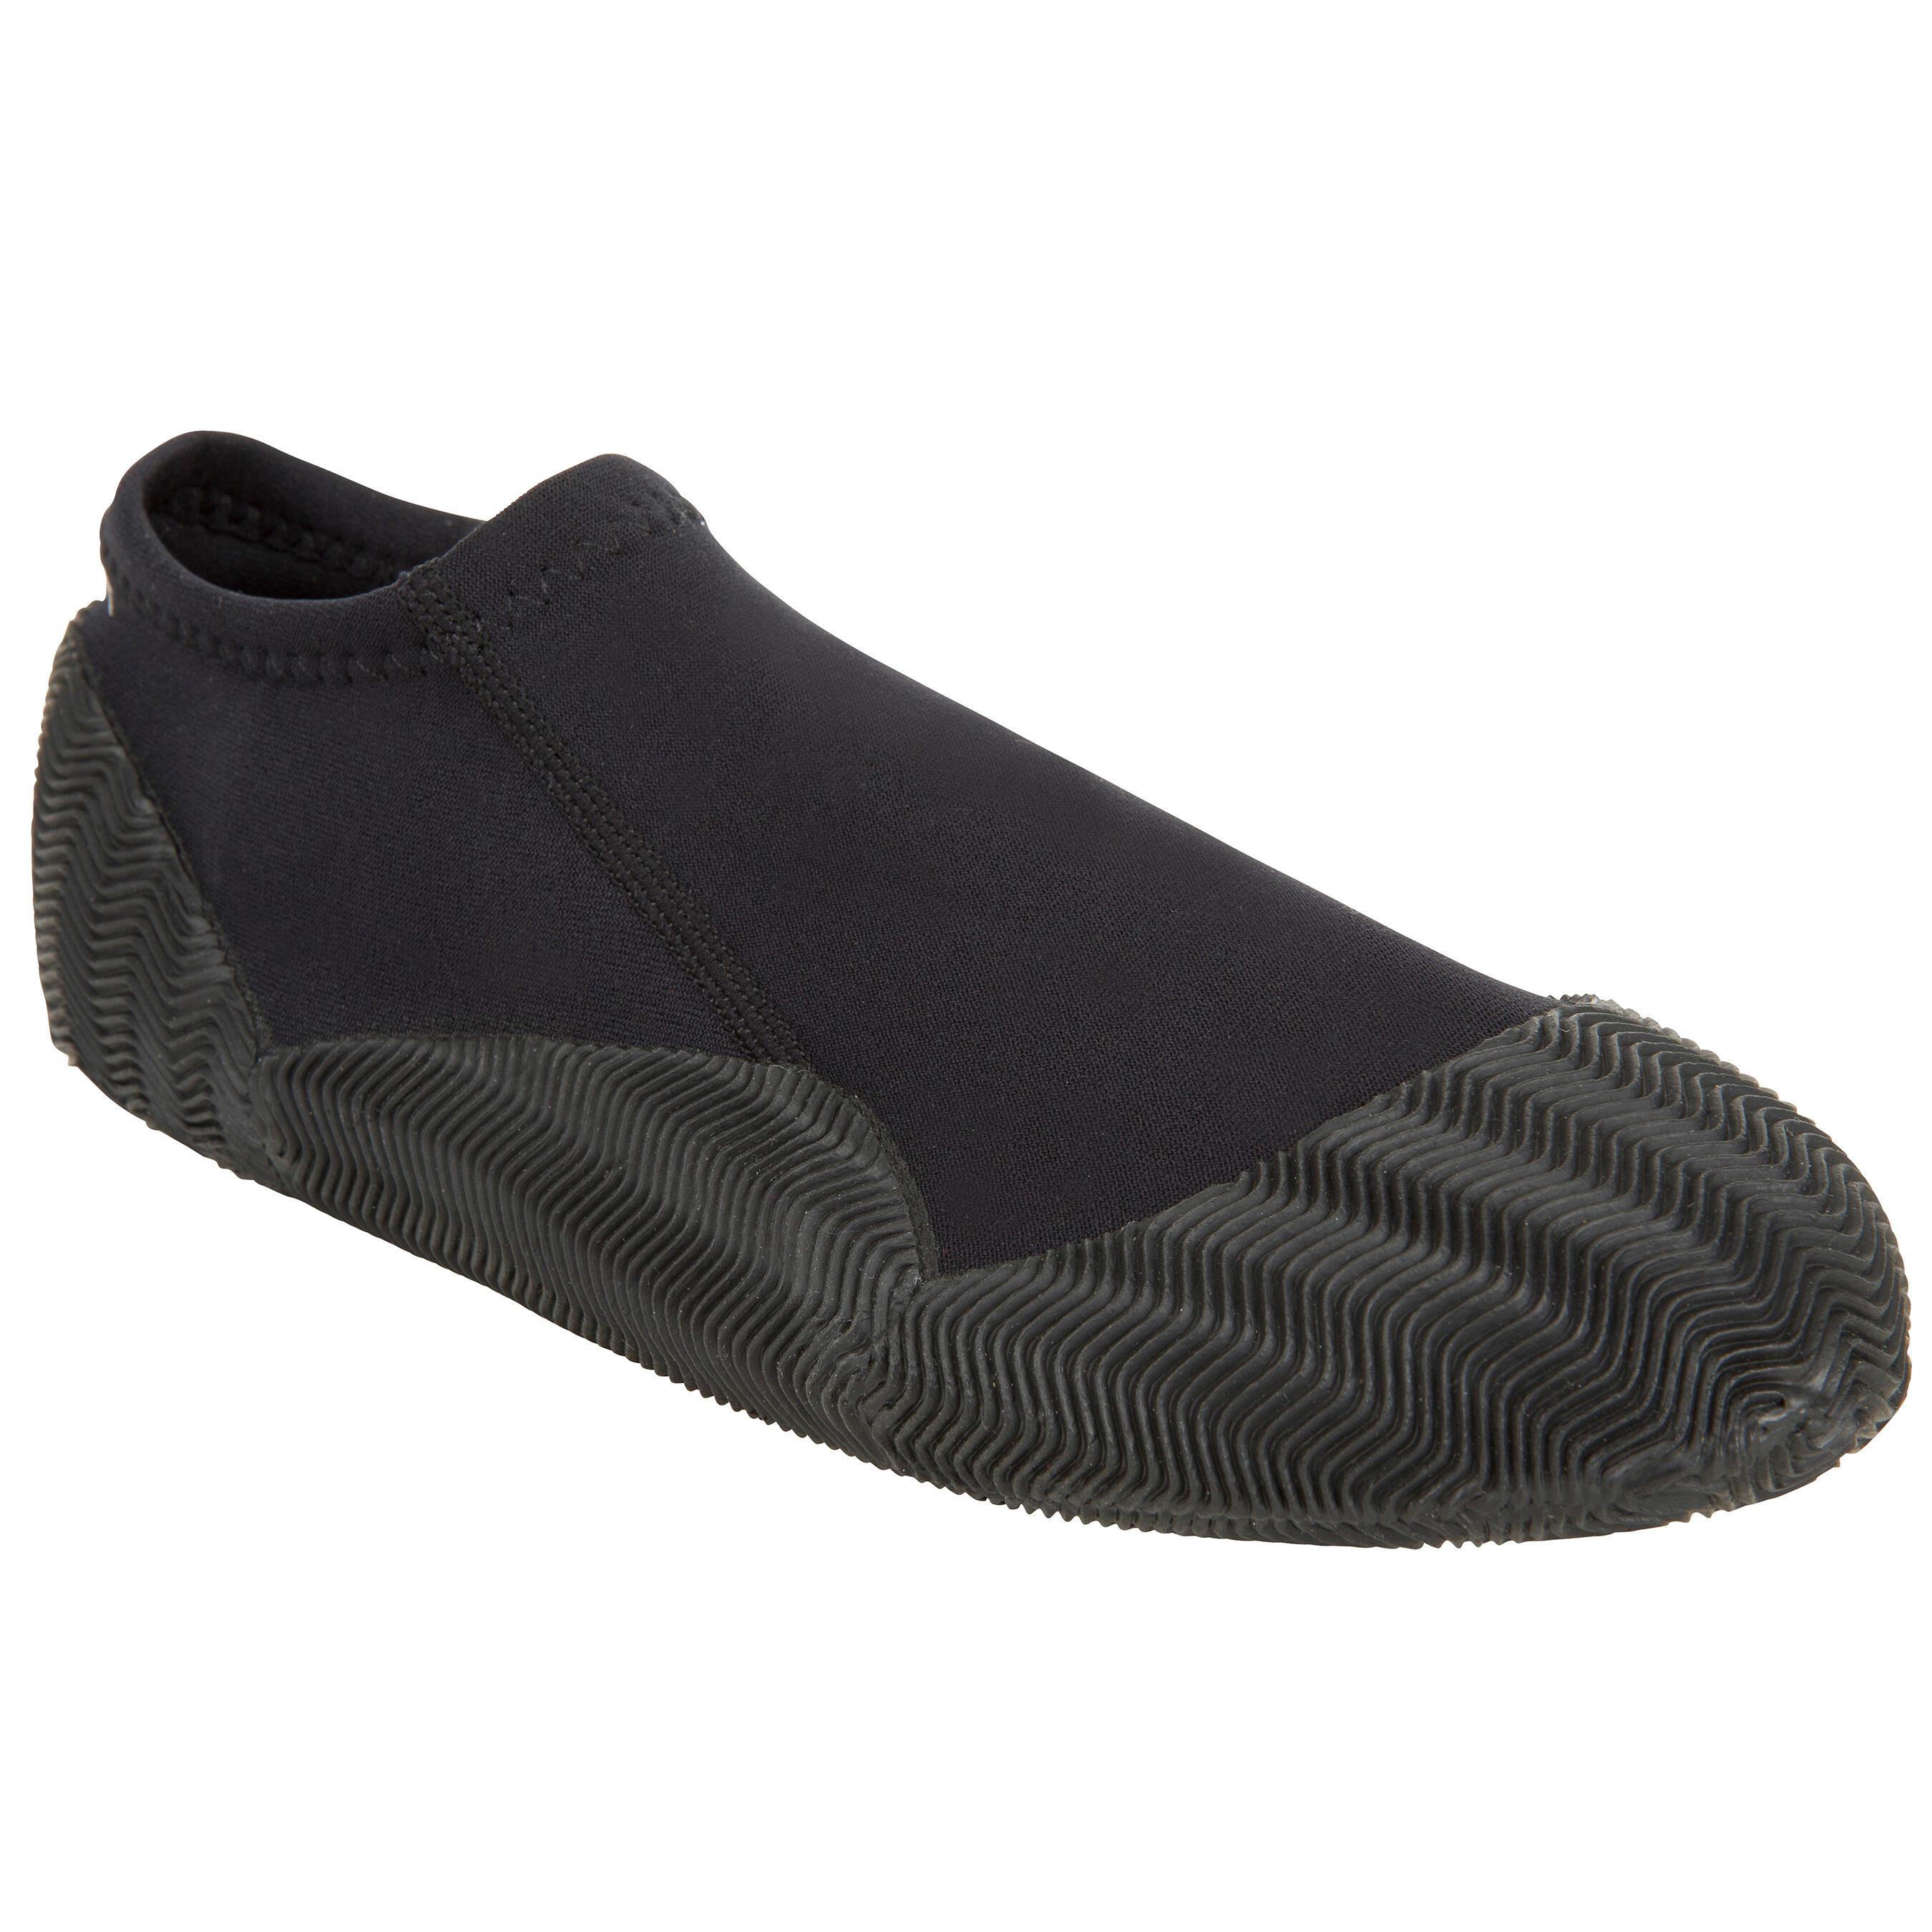 Itiwit Neopreen schoenen 100 voor kajak en suppen, neopreen 1,5 mm